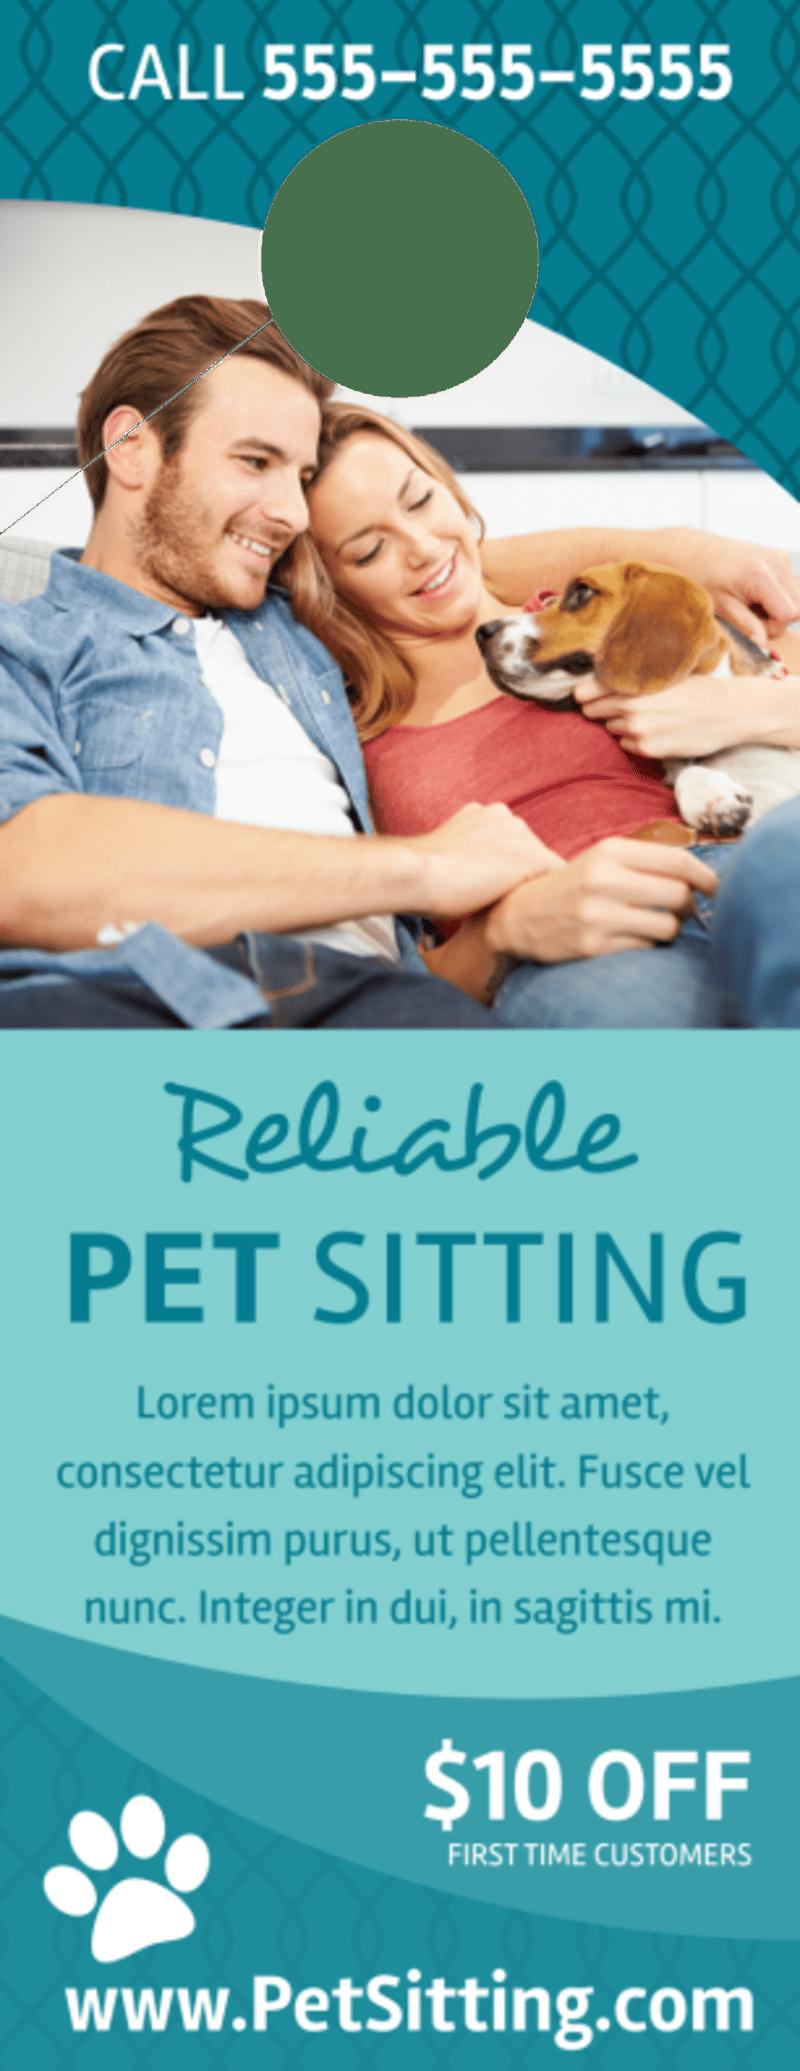 Promo Pet Sitting Door Hanger Template Preview 2